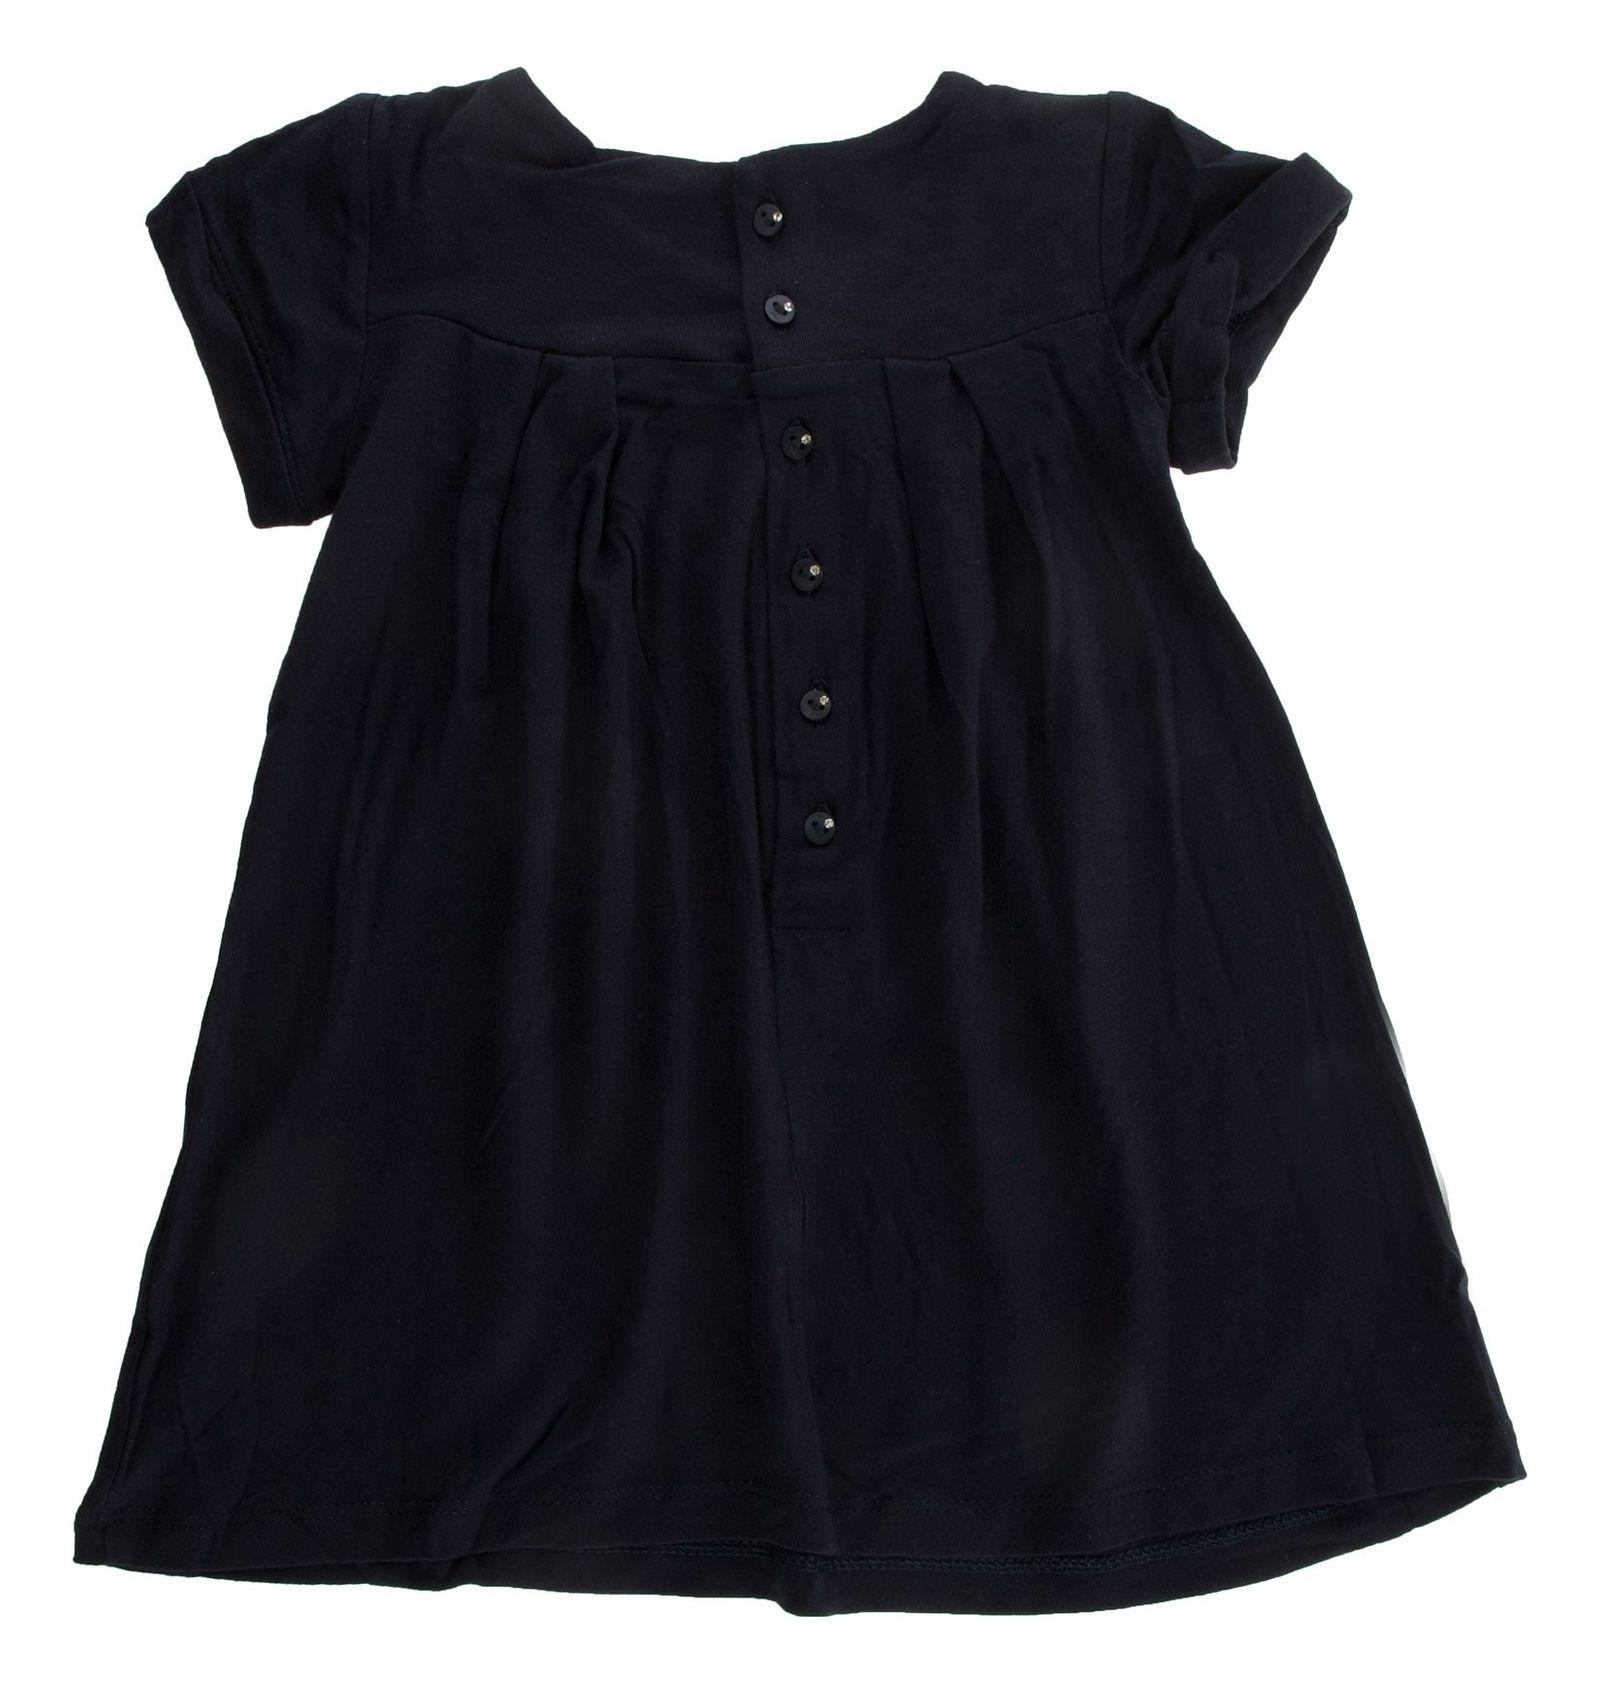 پیراهن ویسکوز نوزادی دخترانه - بلوکیدز - سرمه ای - 2